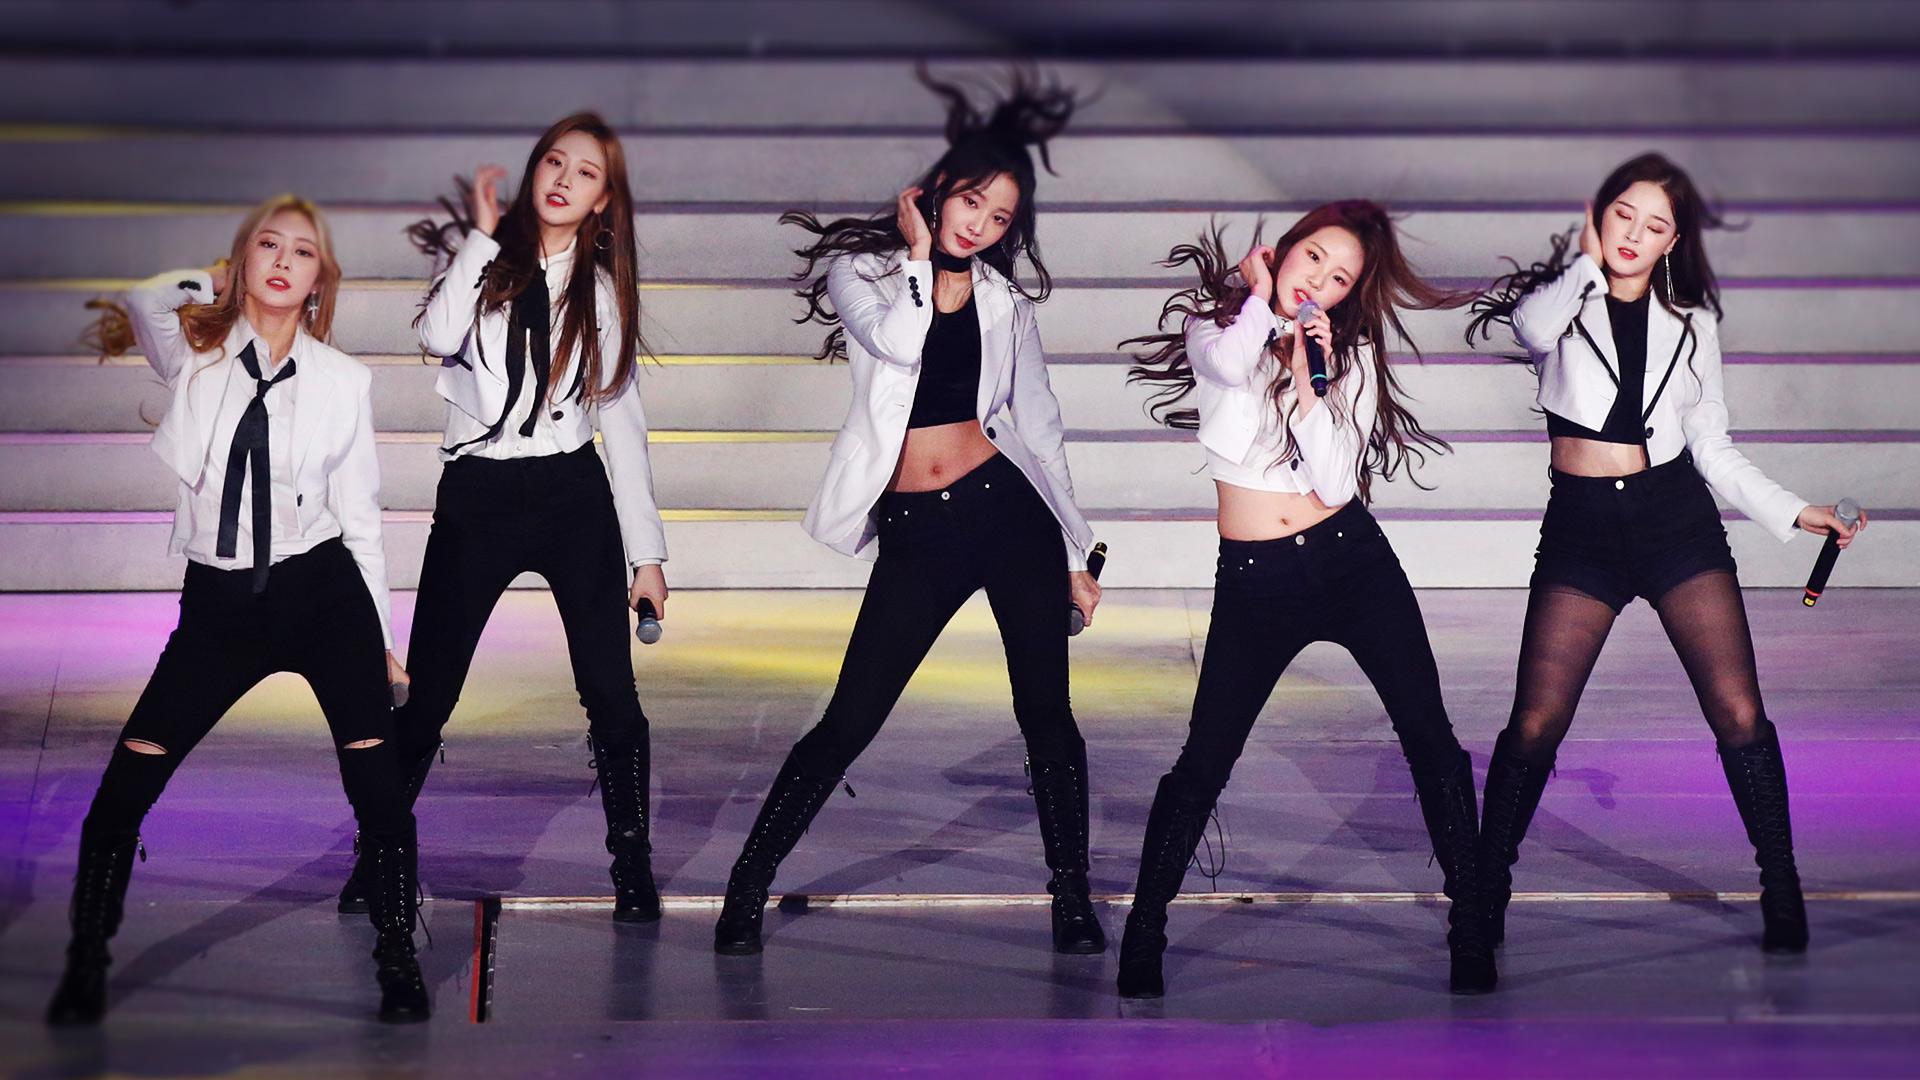 sydkorea_pop_v001.jpg